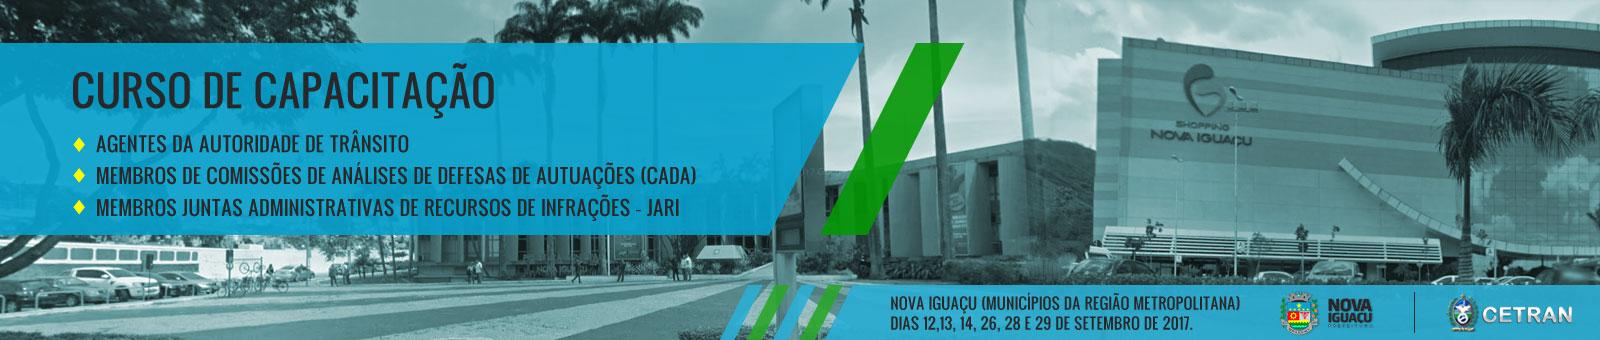 Curso Nova Iguaçu